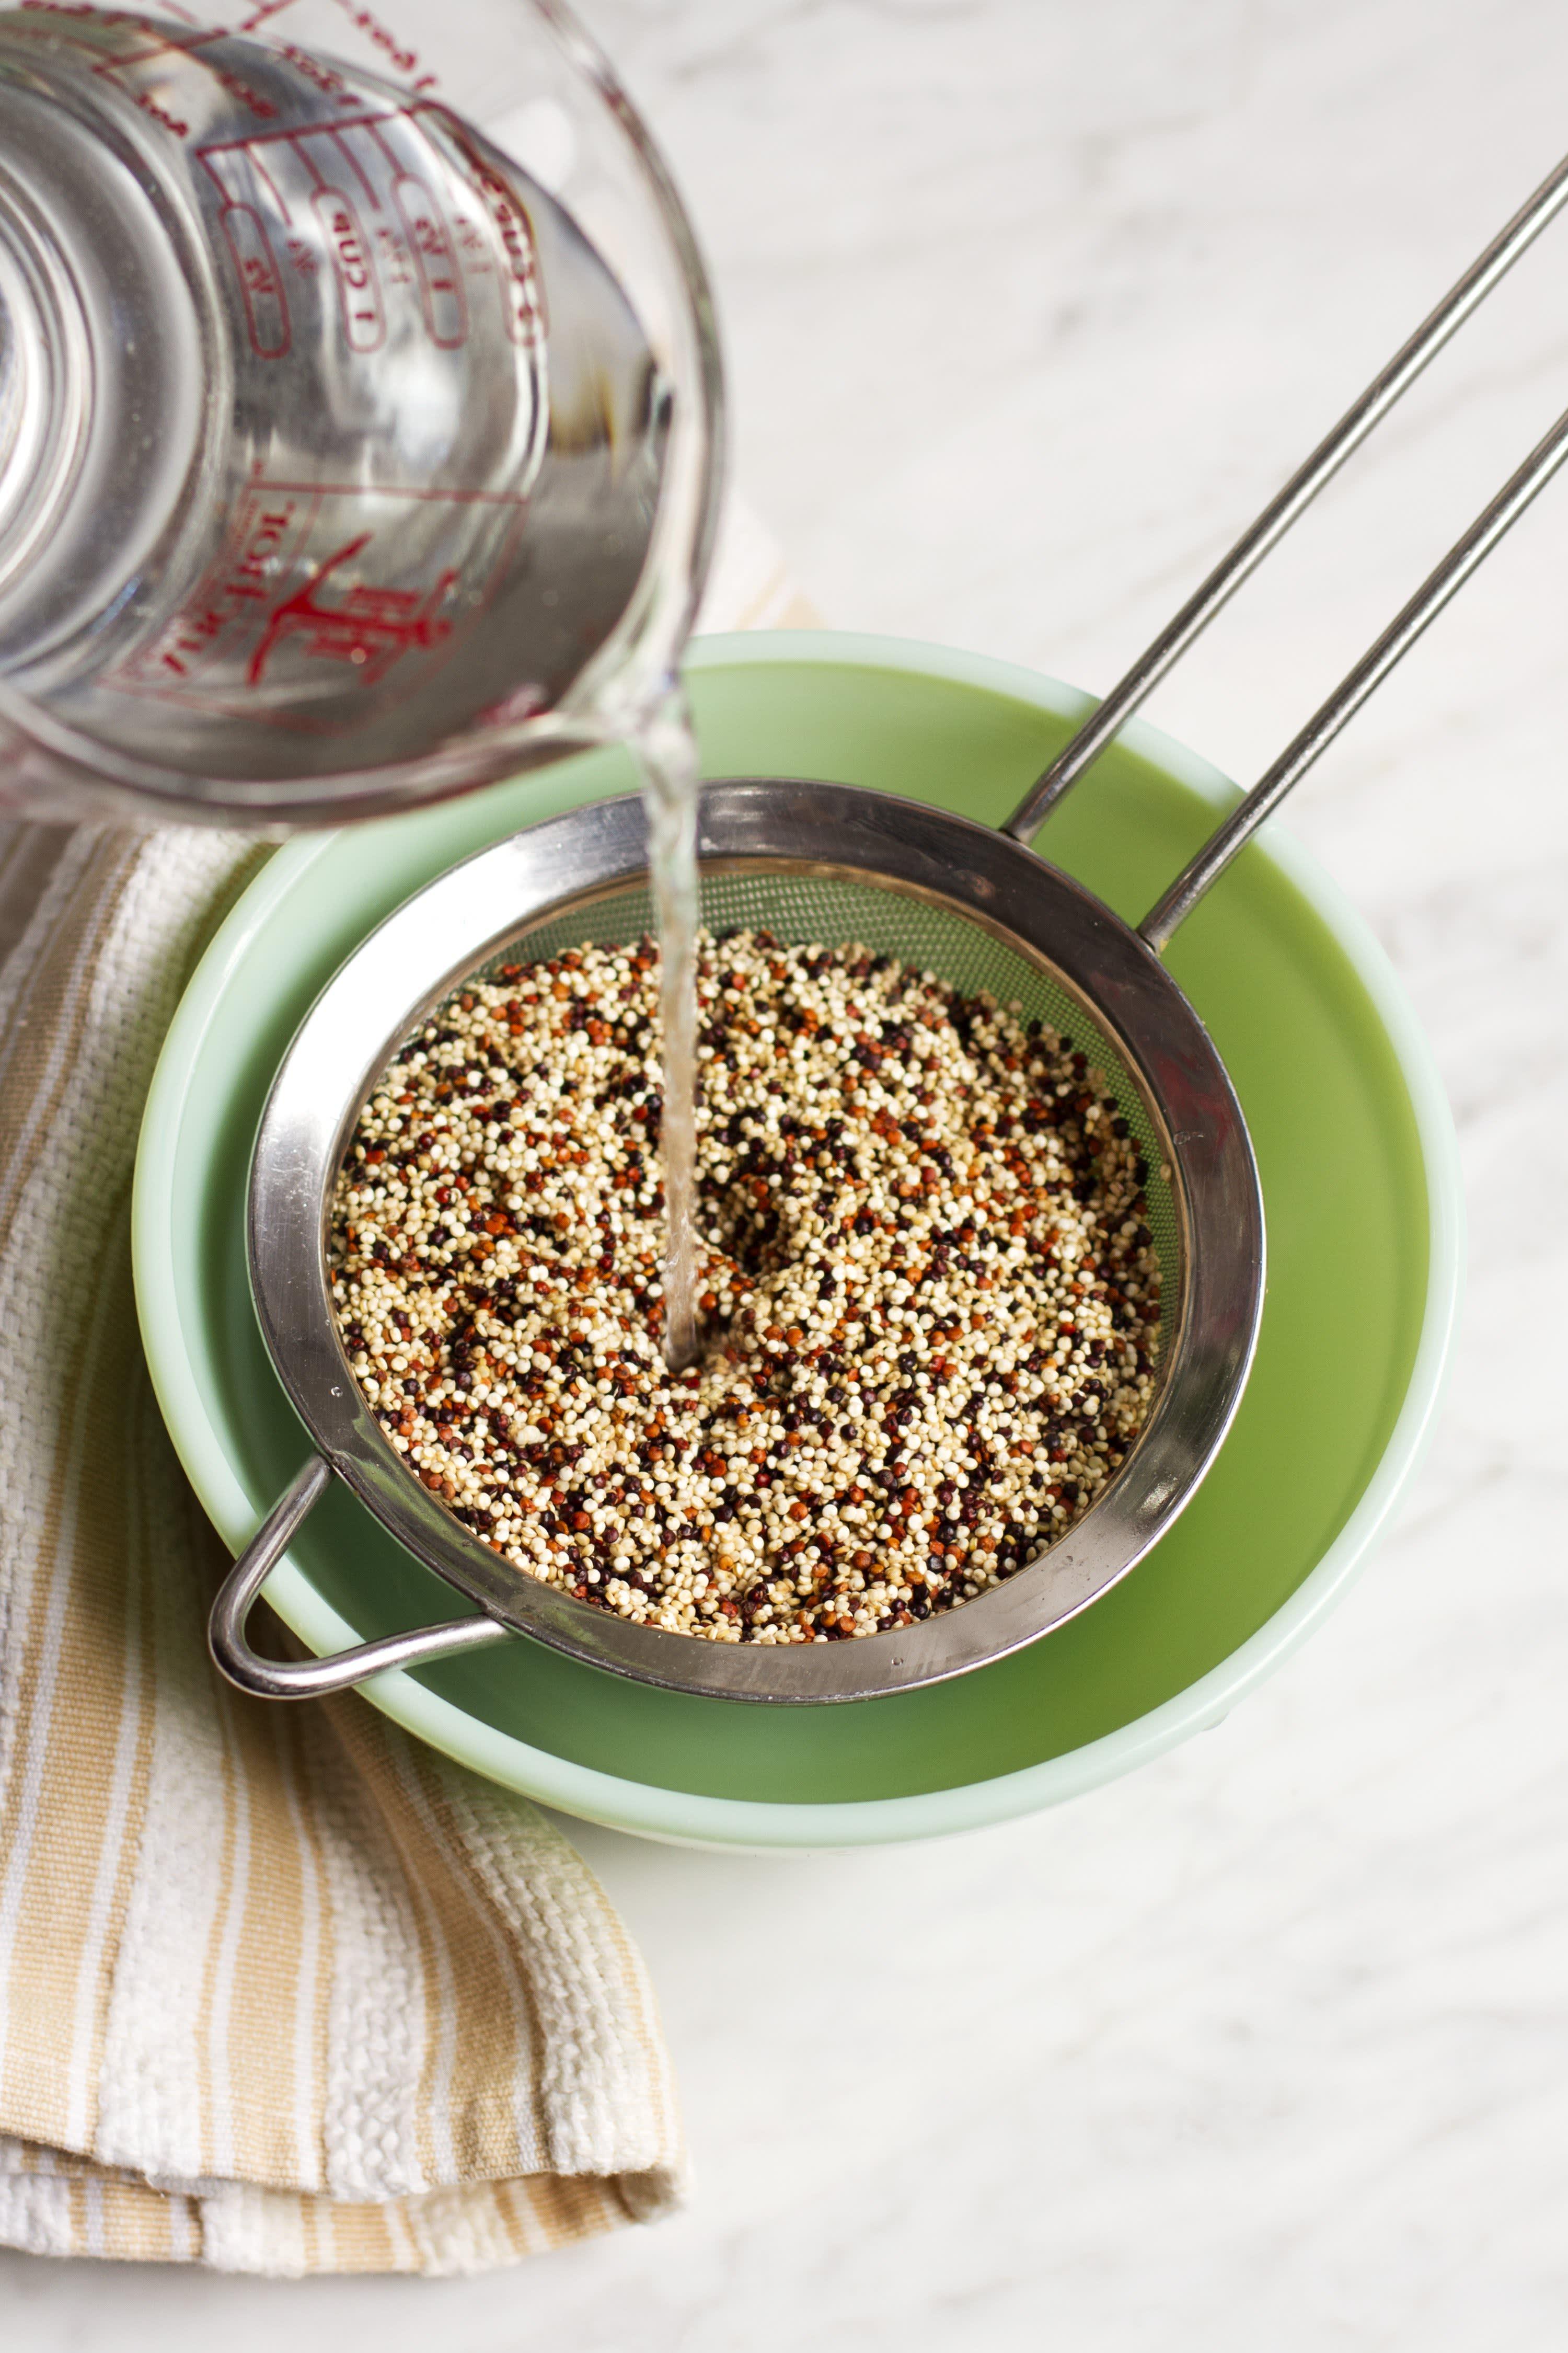 Rinsing Quinoa